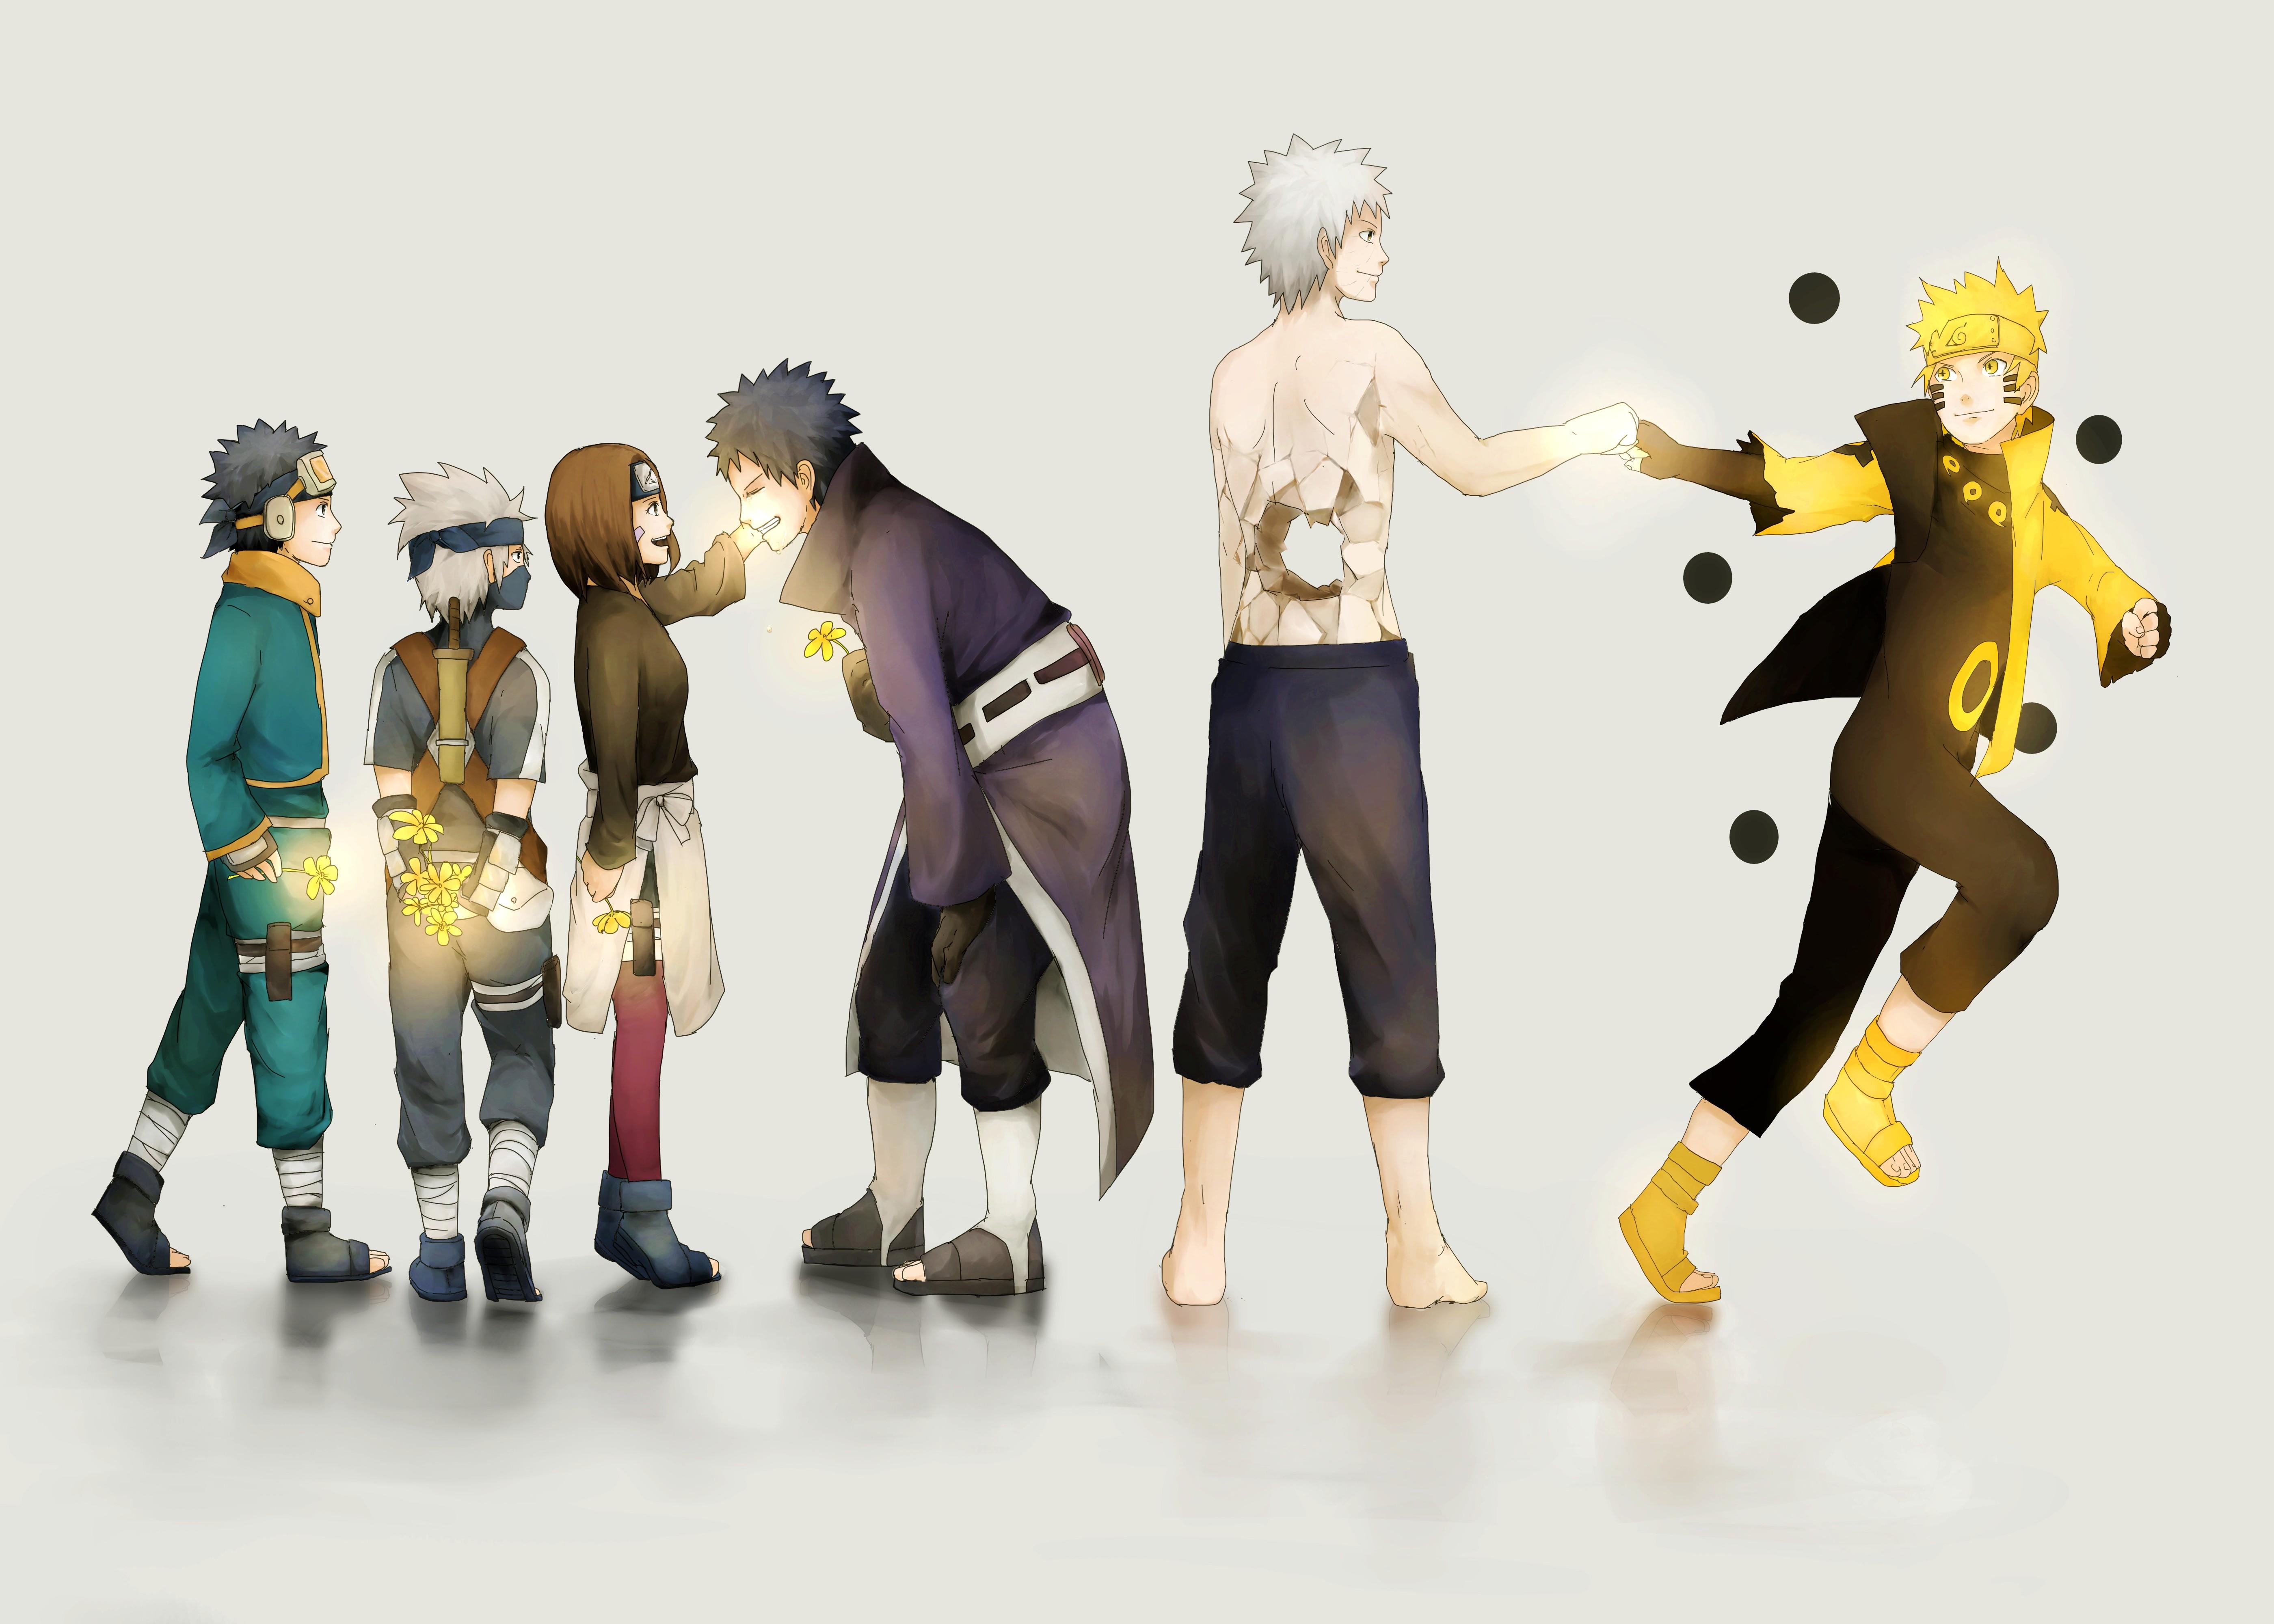 hình minh họa Tác phẩm nghệ thuật hoạt hình Hatake Kakashi Naruto Shippuuden Naruto Uzumaki Đồ